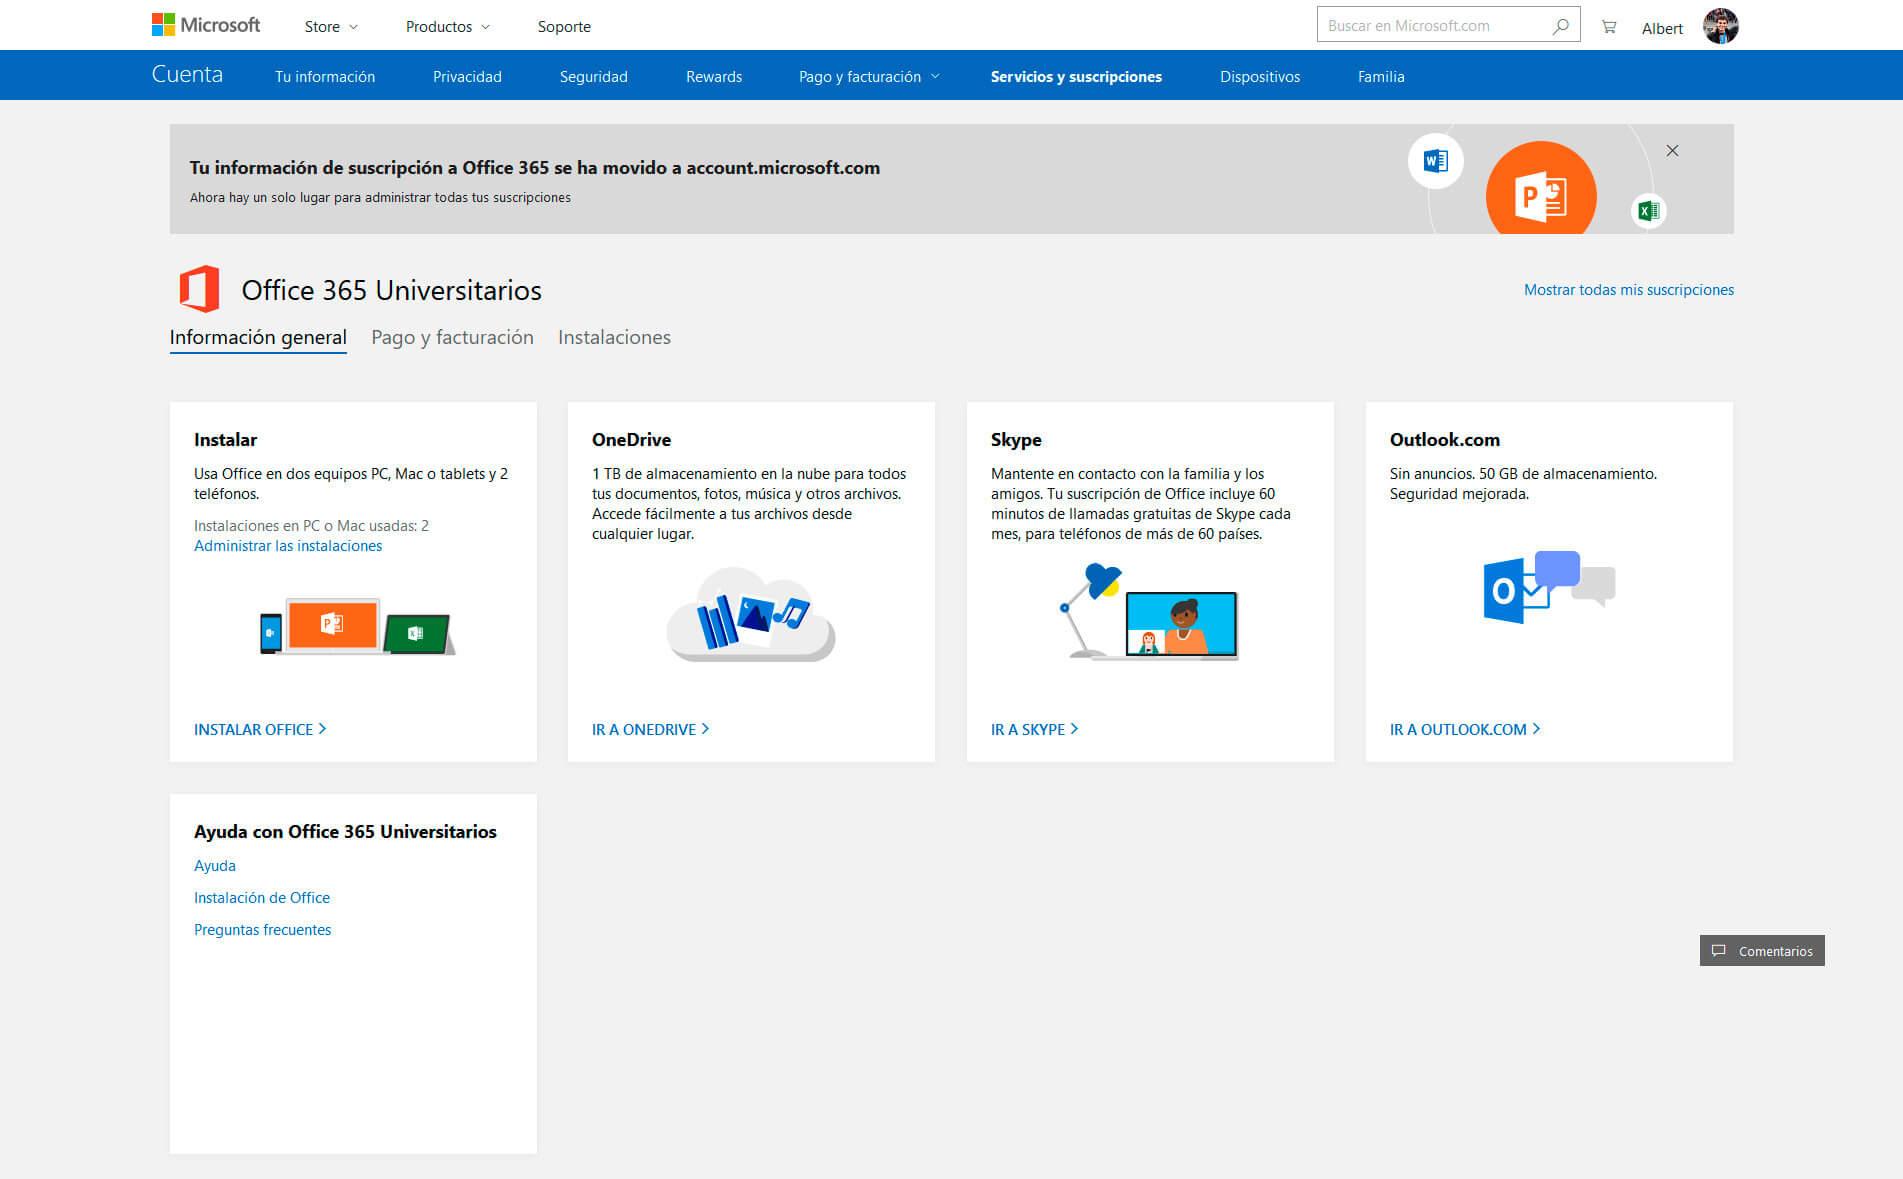 Cuenta de Microsoft - Servicios y suscripciones